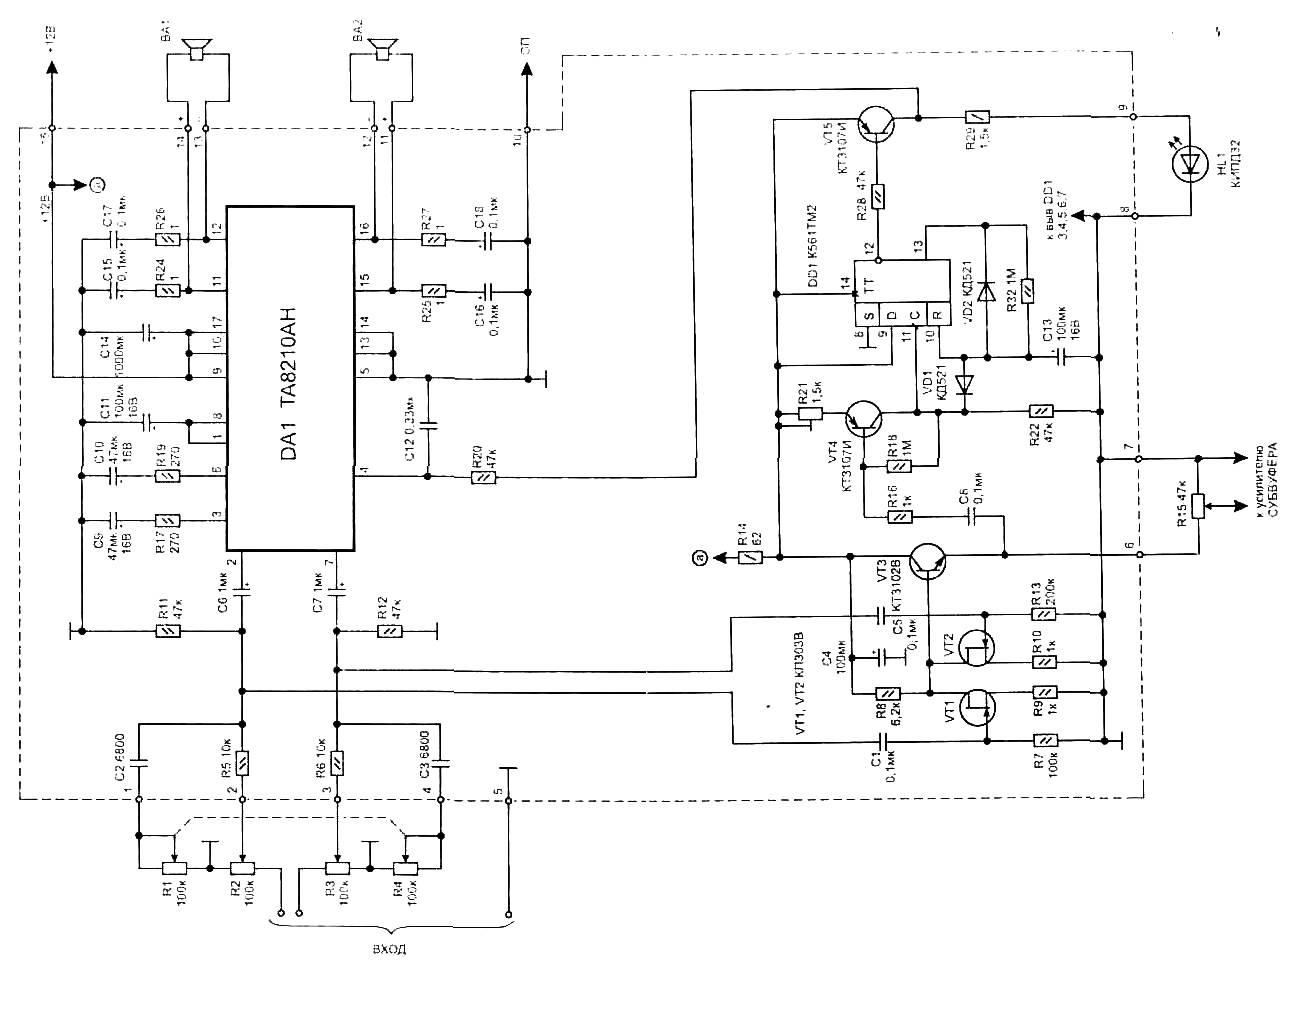 computer audio amp archives amplifier circuit design simple amplifier diagram build a great sounding audio amplifier